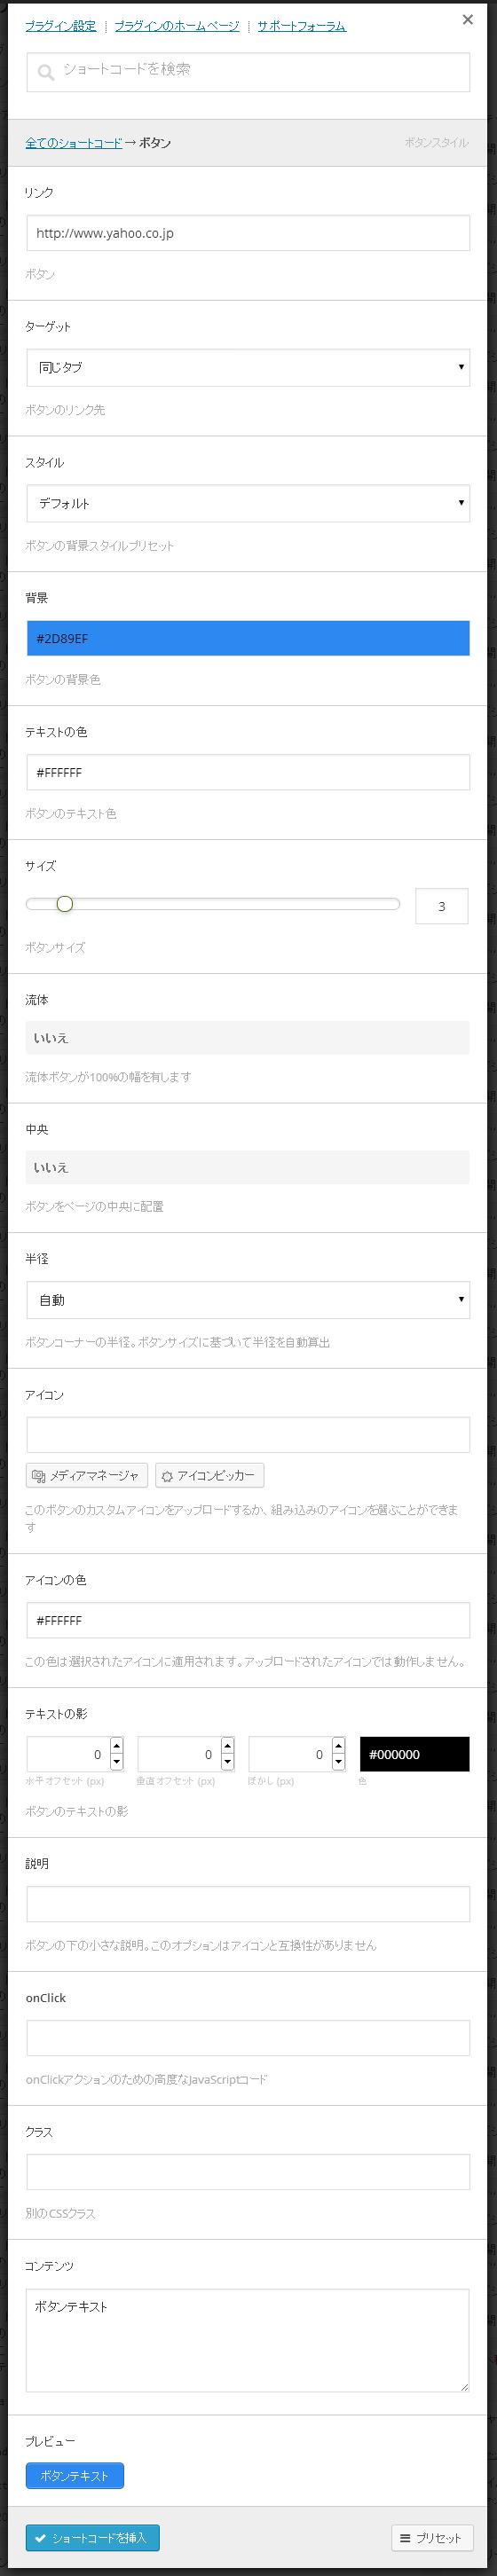 ショートコード編集画面